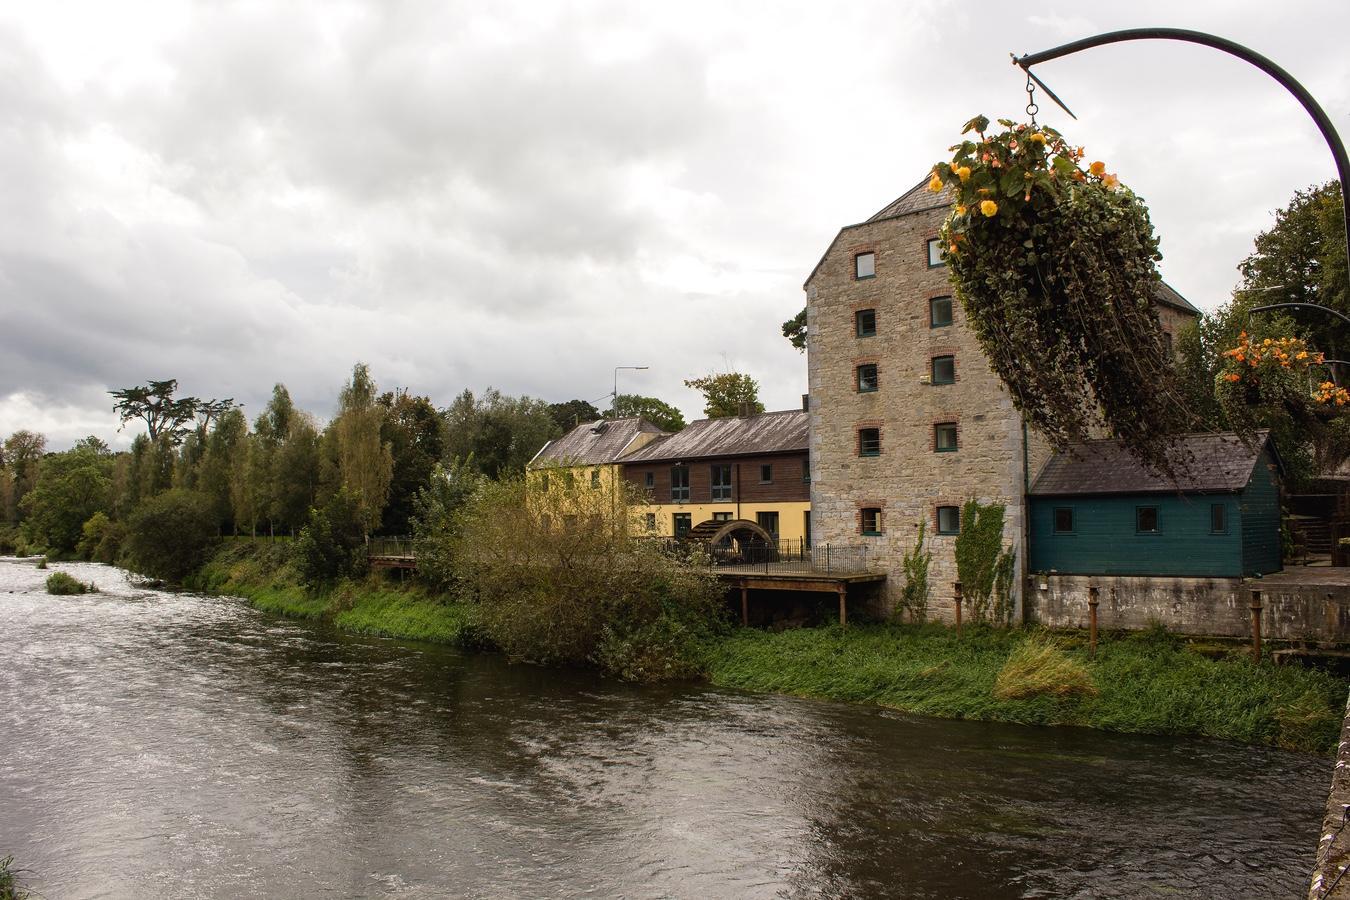 Town Village Renewal